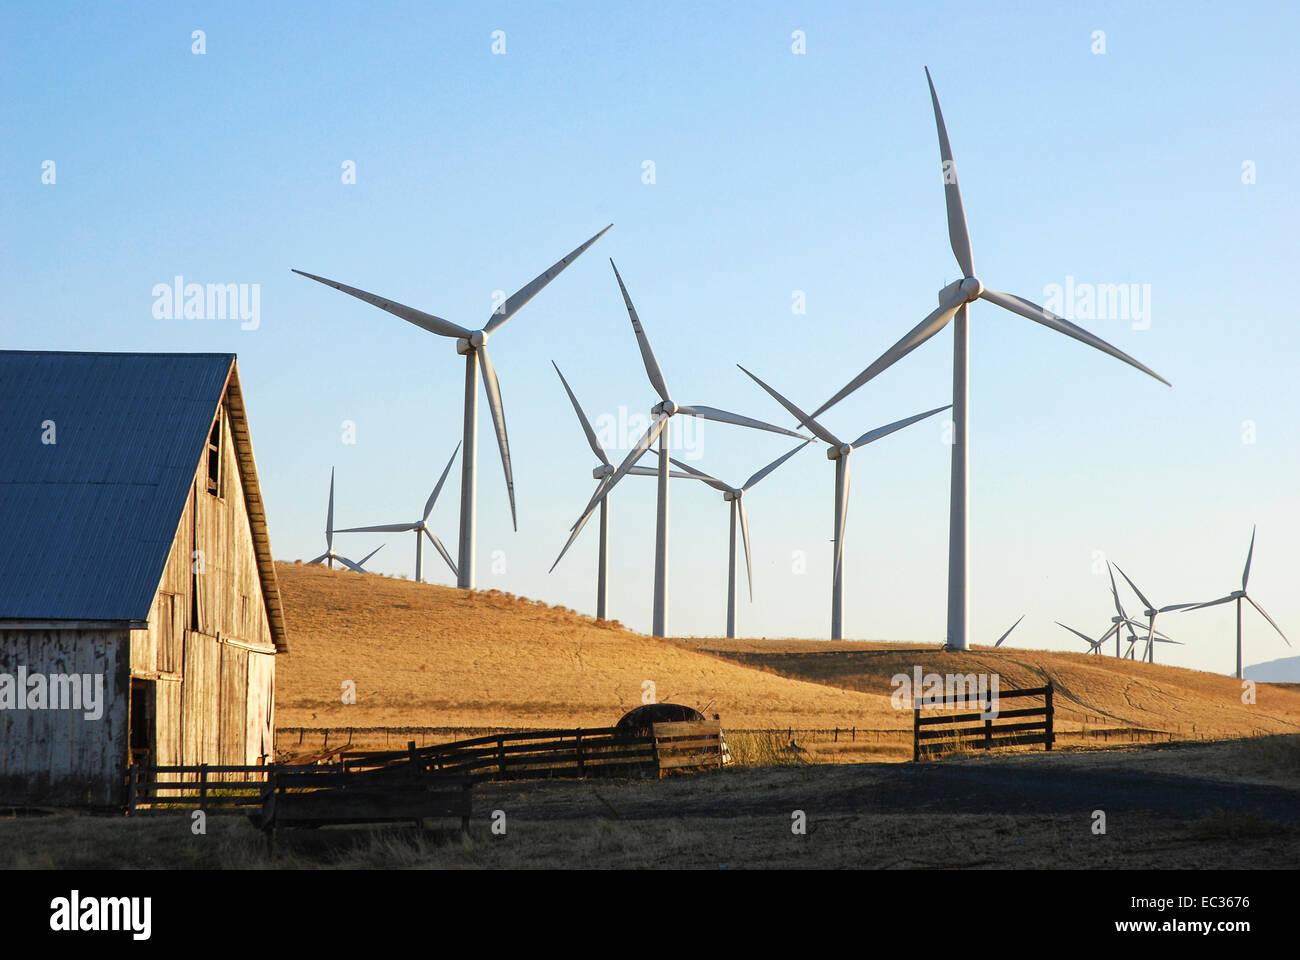 Windpark auf landwirtschaftlichen Flächen Stockbild